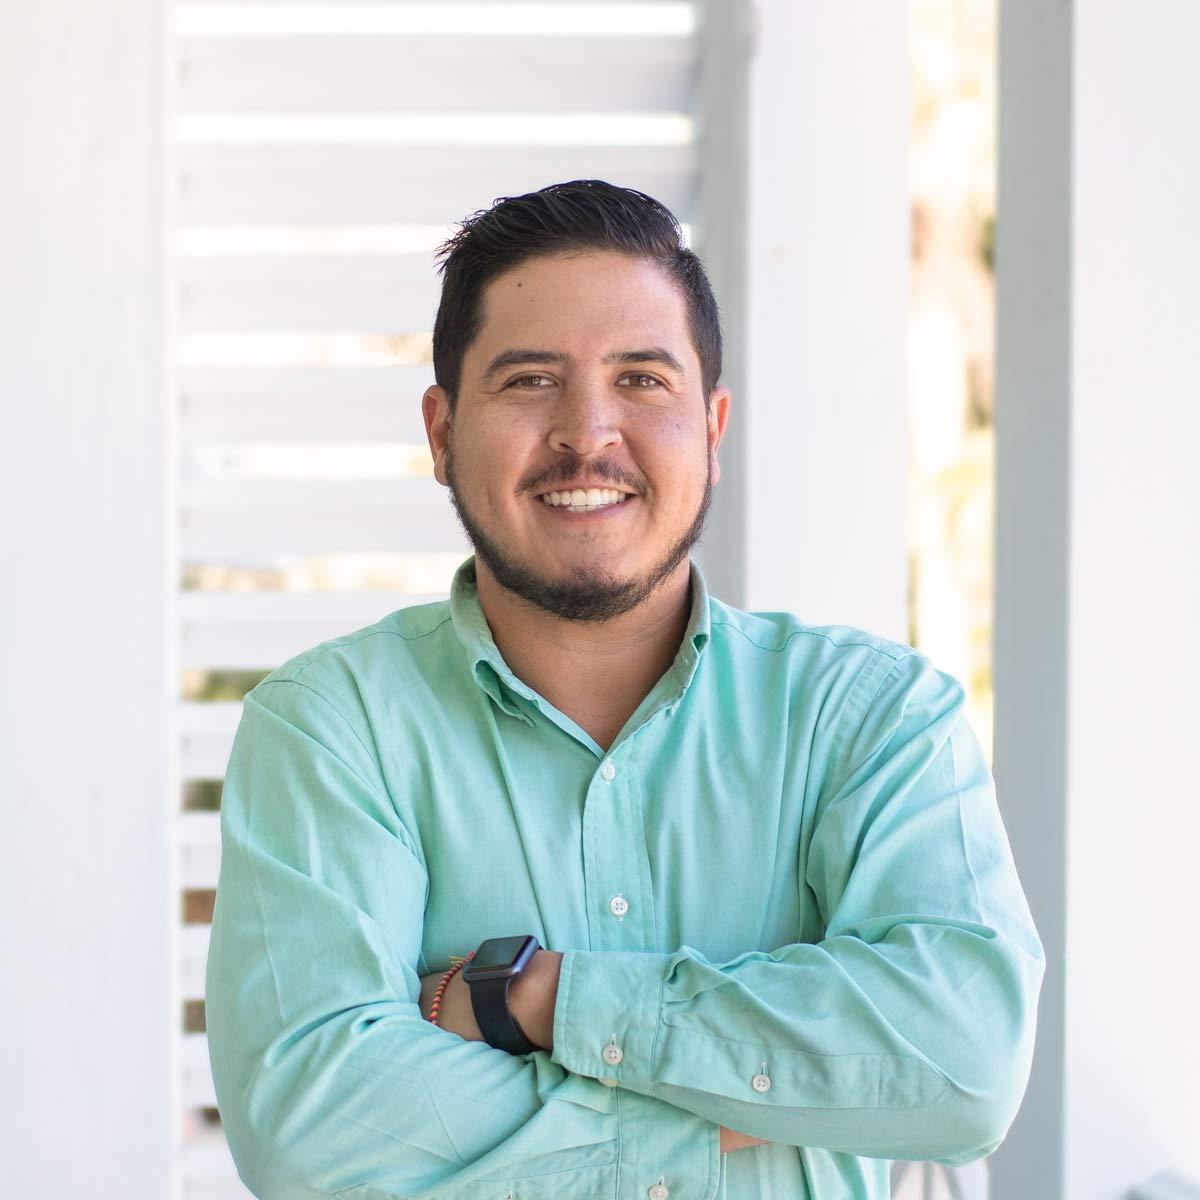 Andres Ayala